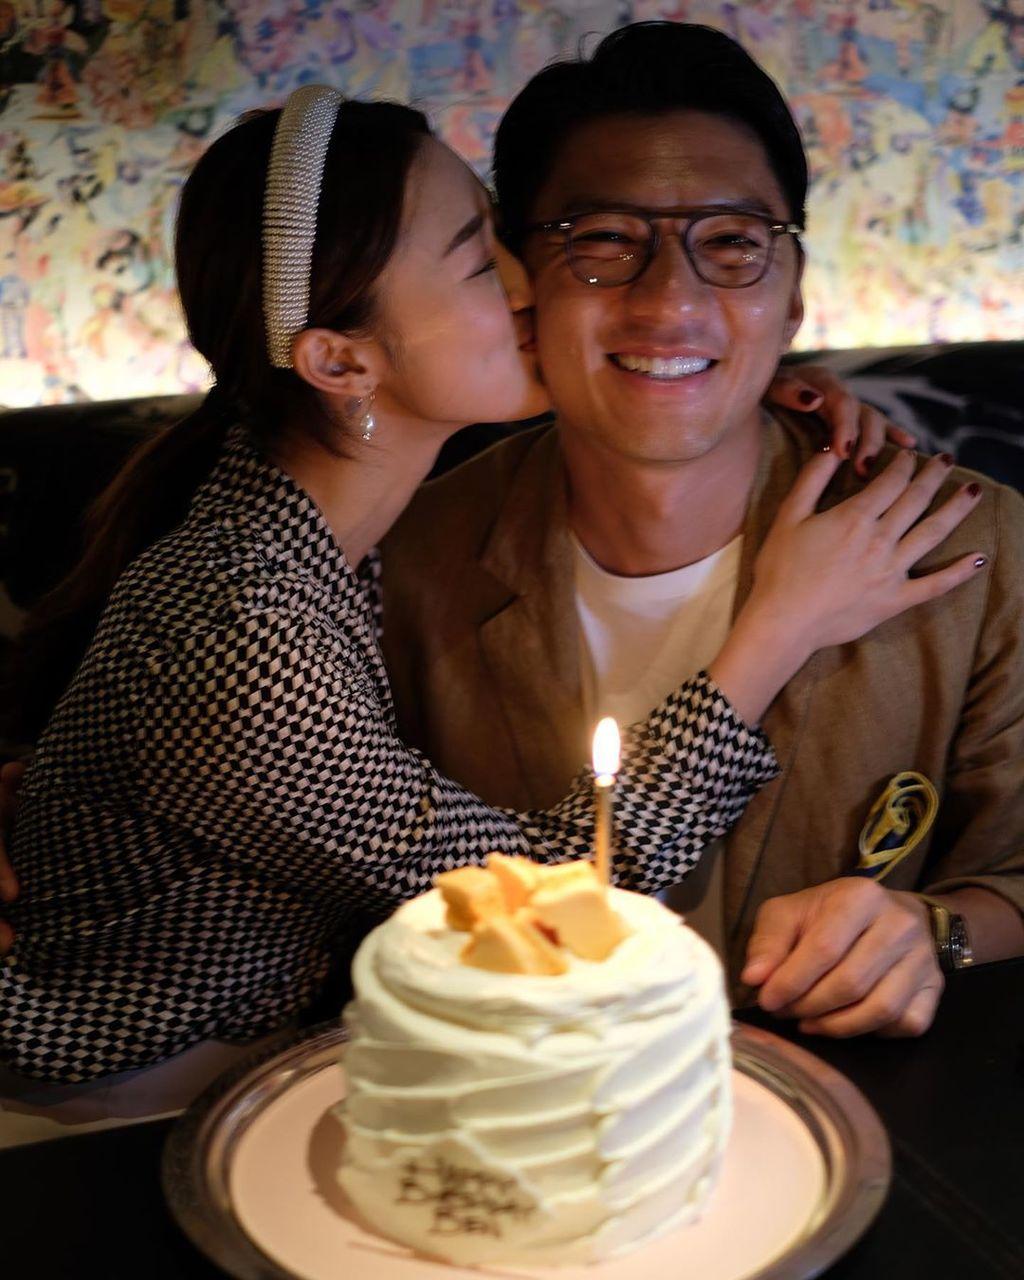 【有啲嘢喎】向39歲生日袁偉豪獻肉咀 張寶兒自爆裝修新居好事近?